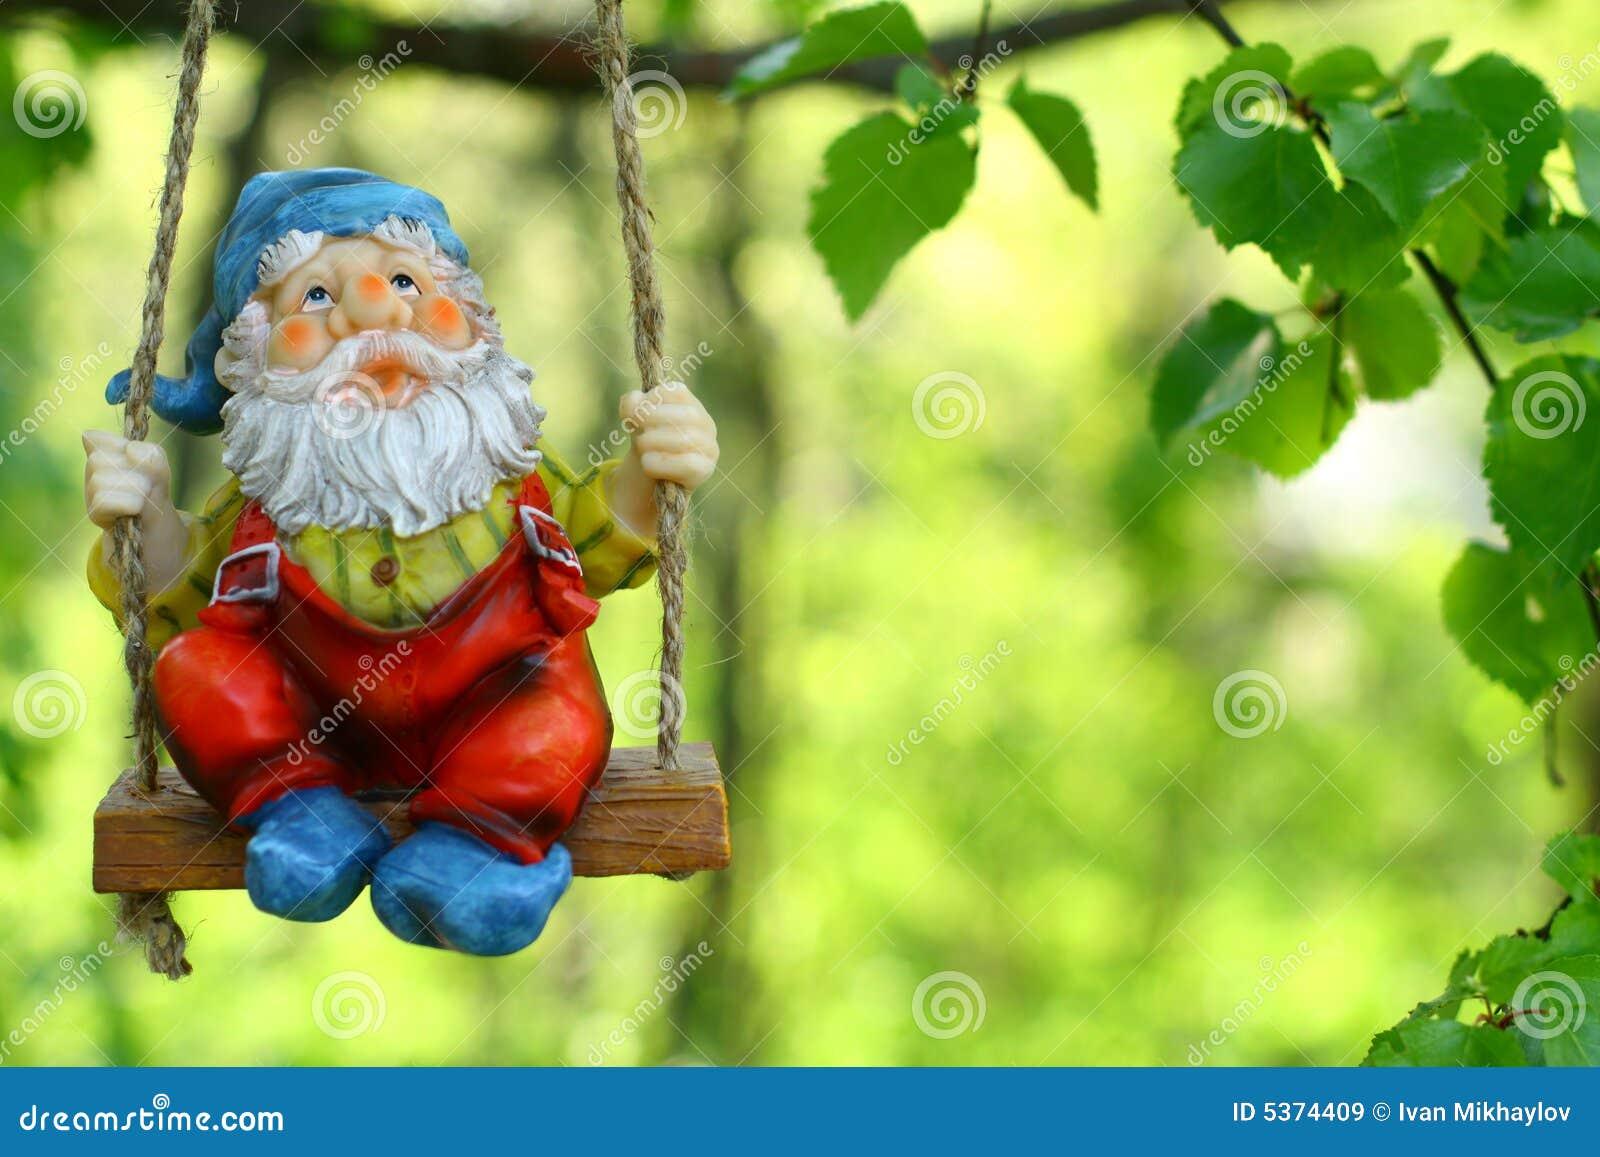 kobold o anao de jardim : kobold o anao de jardim:Anão Do Jardim Imagens de Stock Royalty Free – Imagem: 5374409